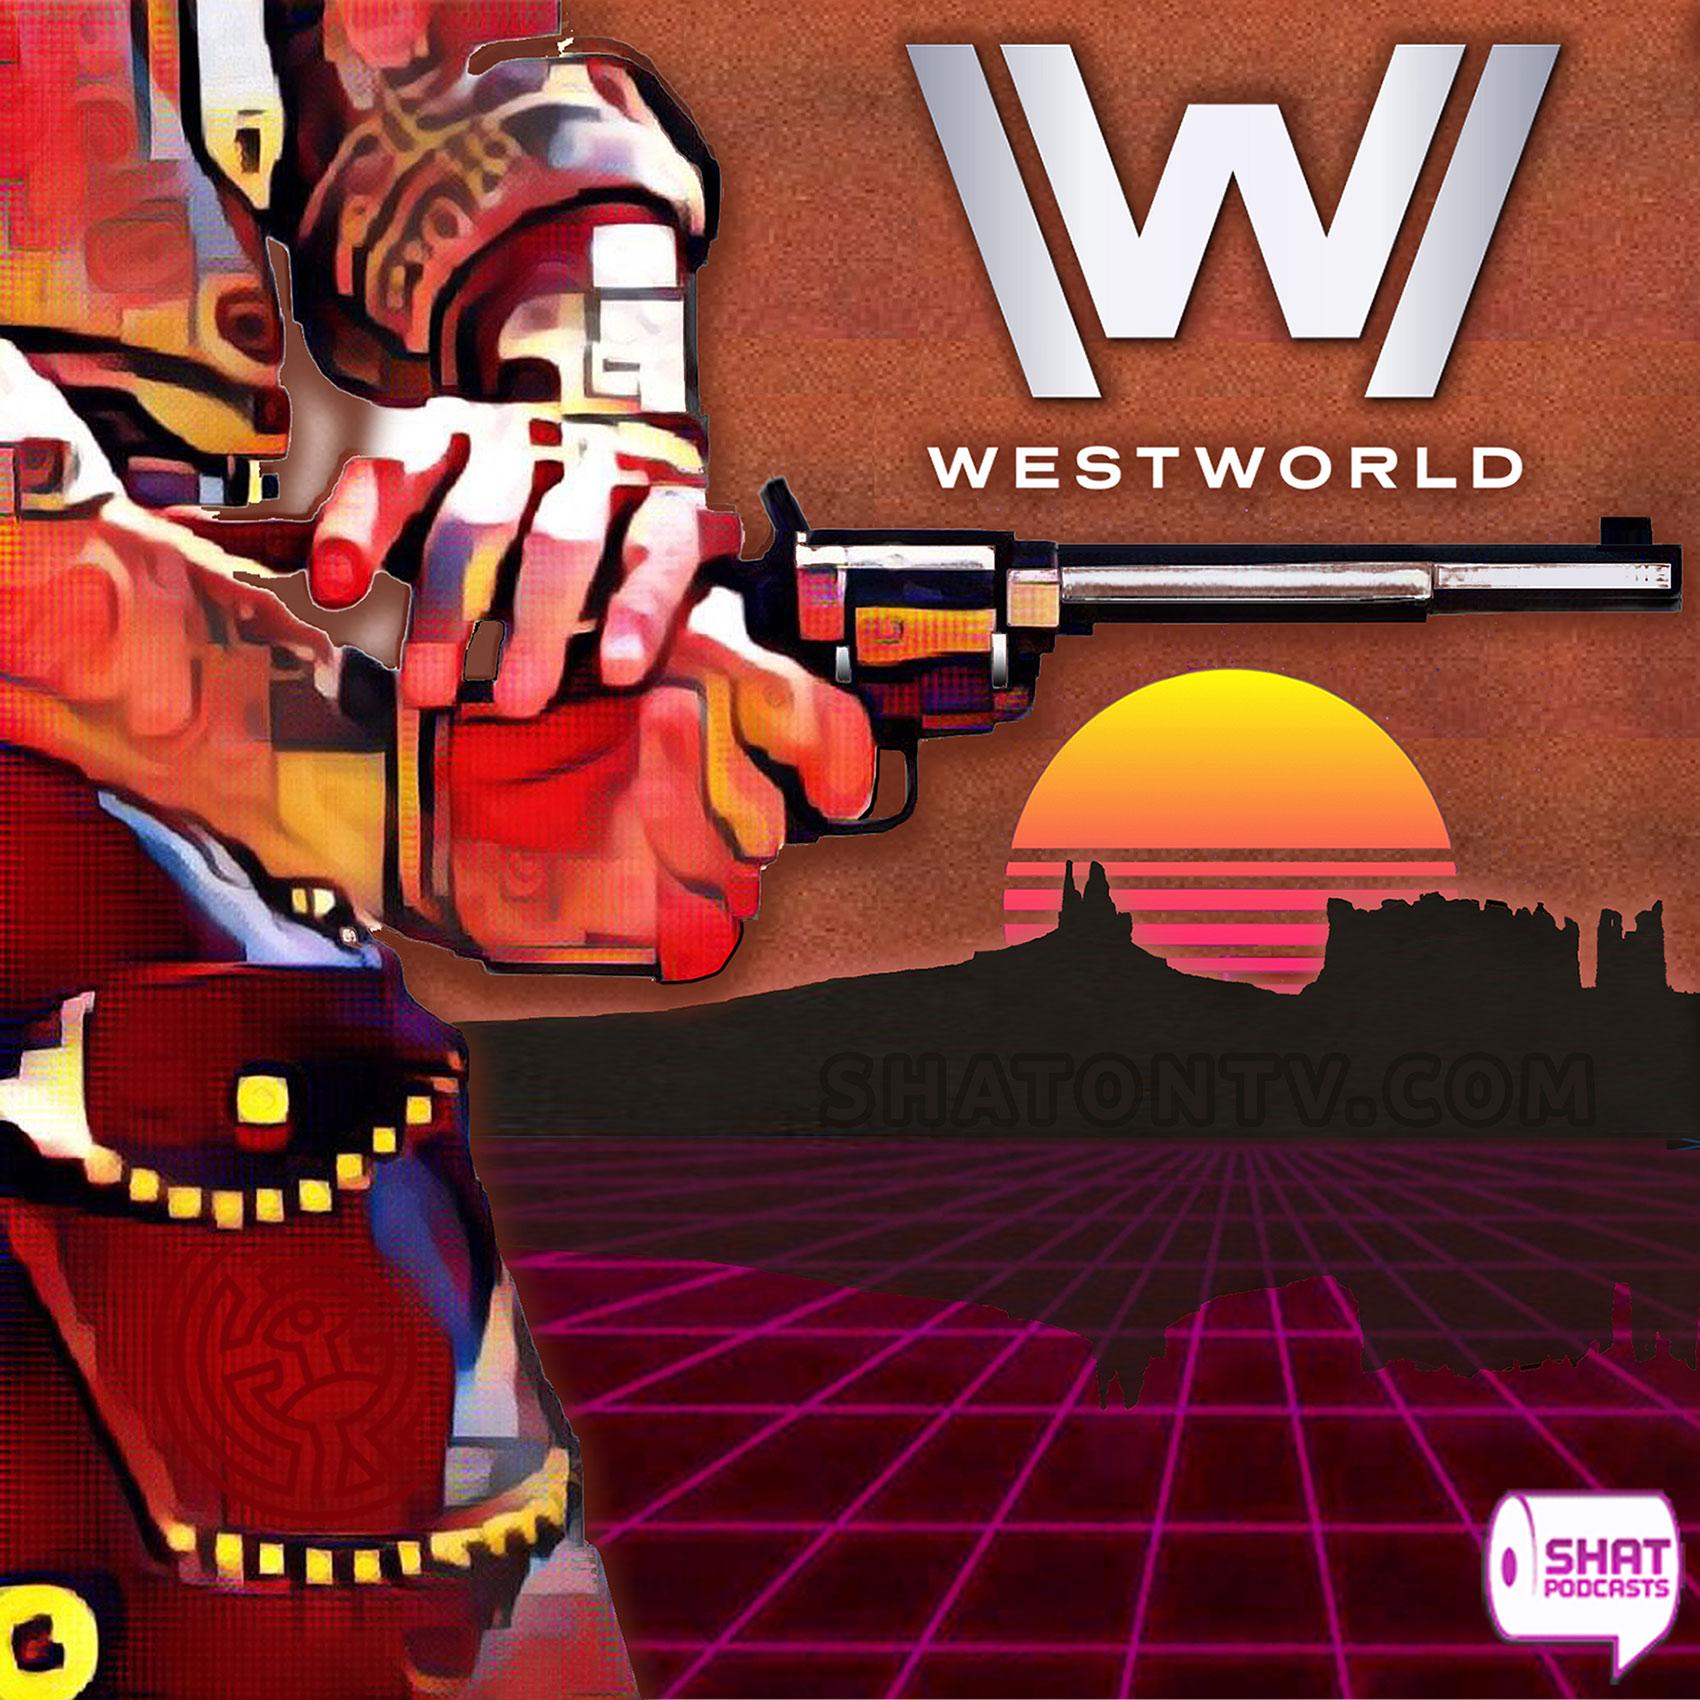 Westworld show art